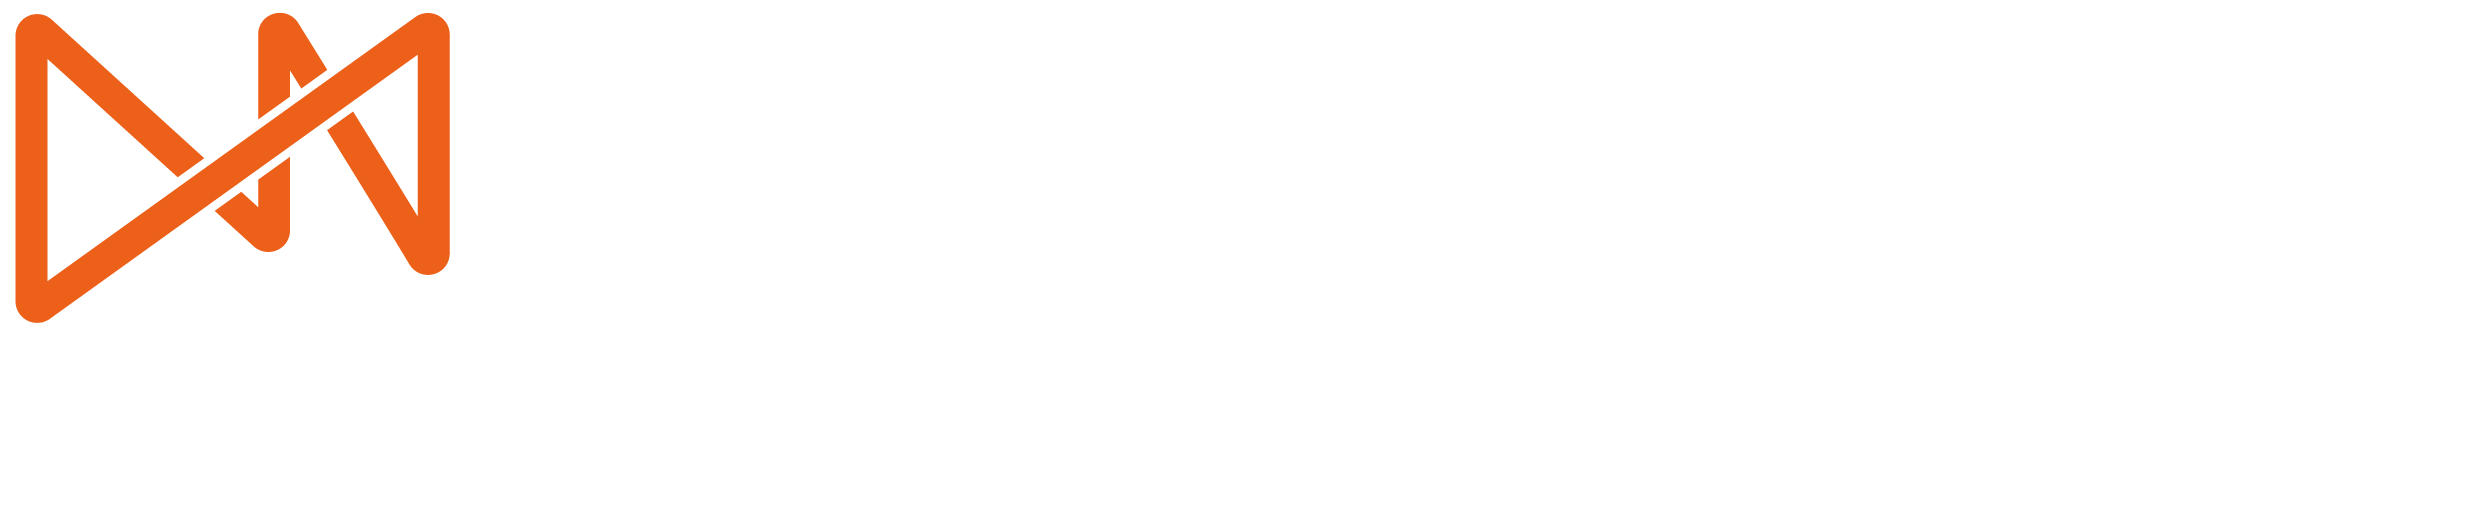 vuewrapup.com